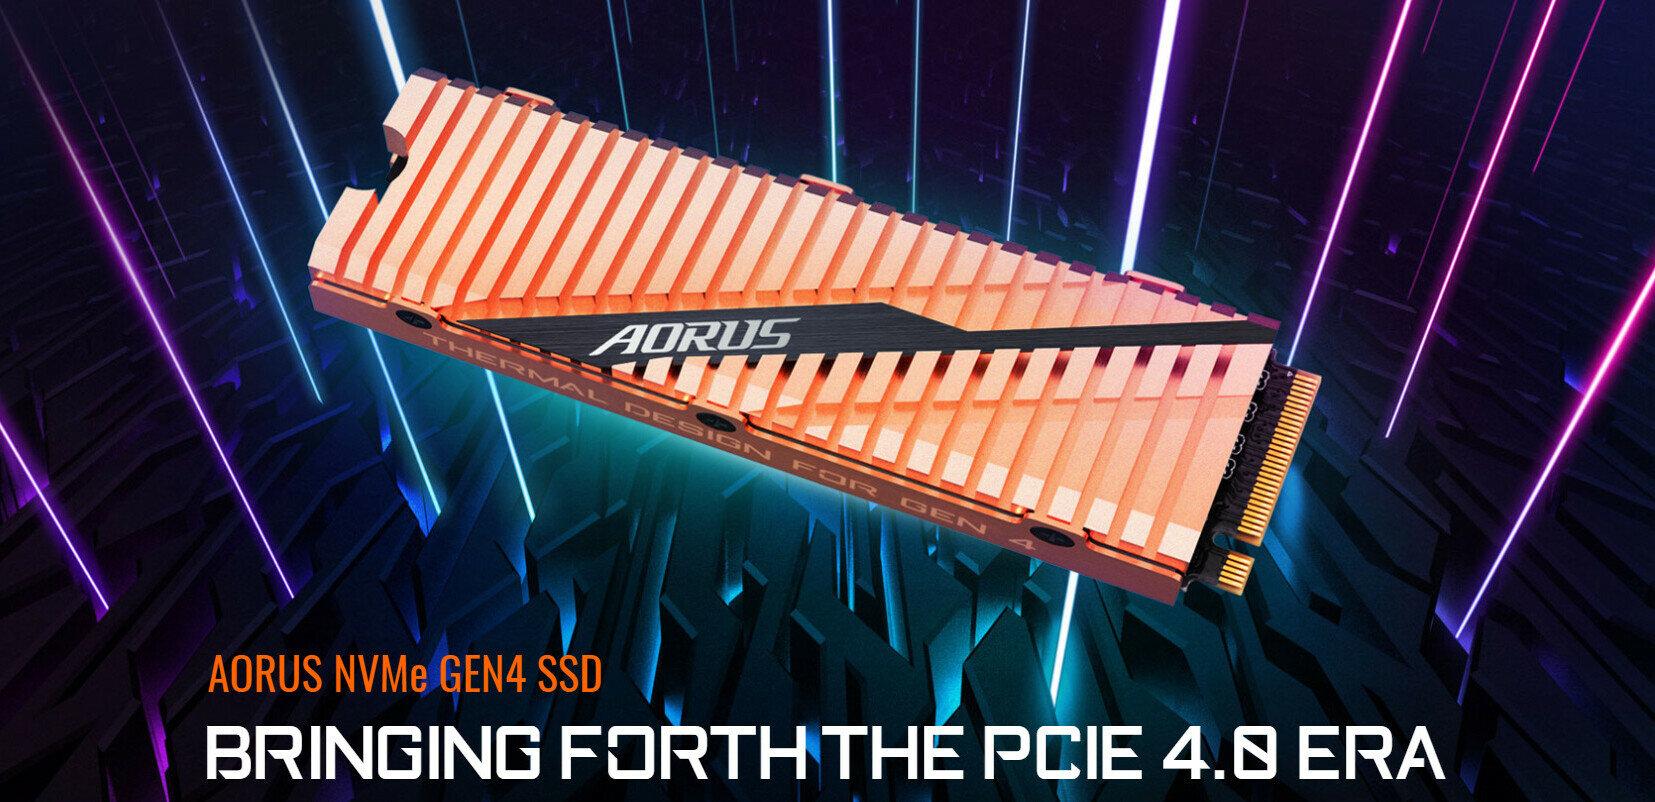 SSD Gigabyte Aorus PCIe 4.0 : quelles performances pour 0,25 euro du Go ?